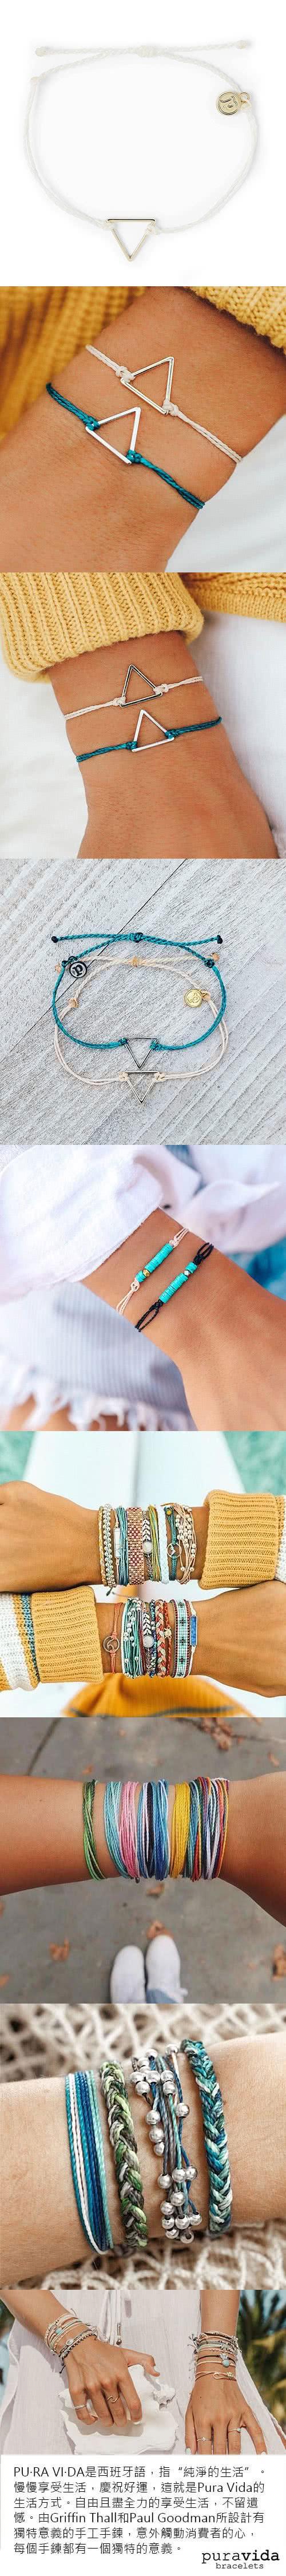 (複製)Pura Vida 美國手工 玉髓三角墜飾 白色臘線可調式手鍊衝浪防水手繩